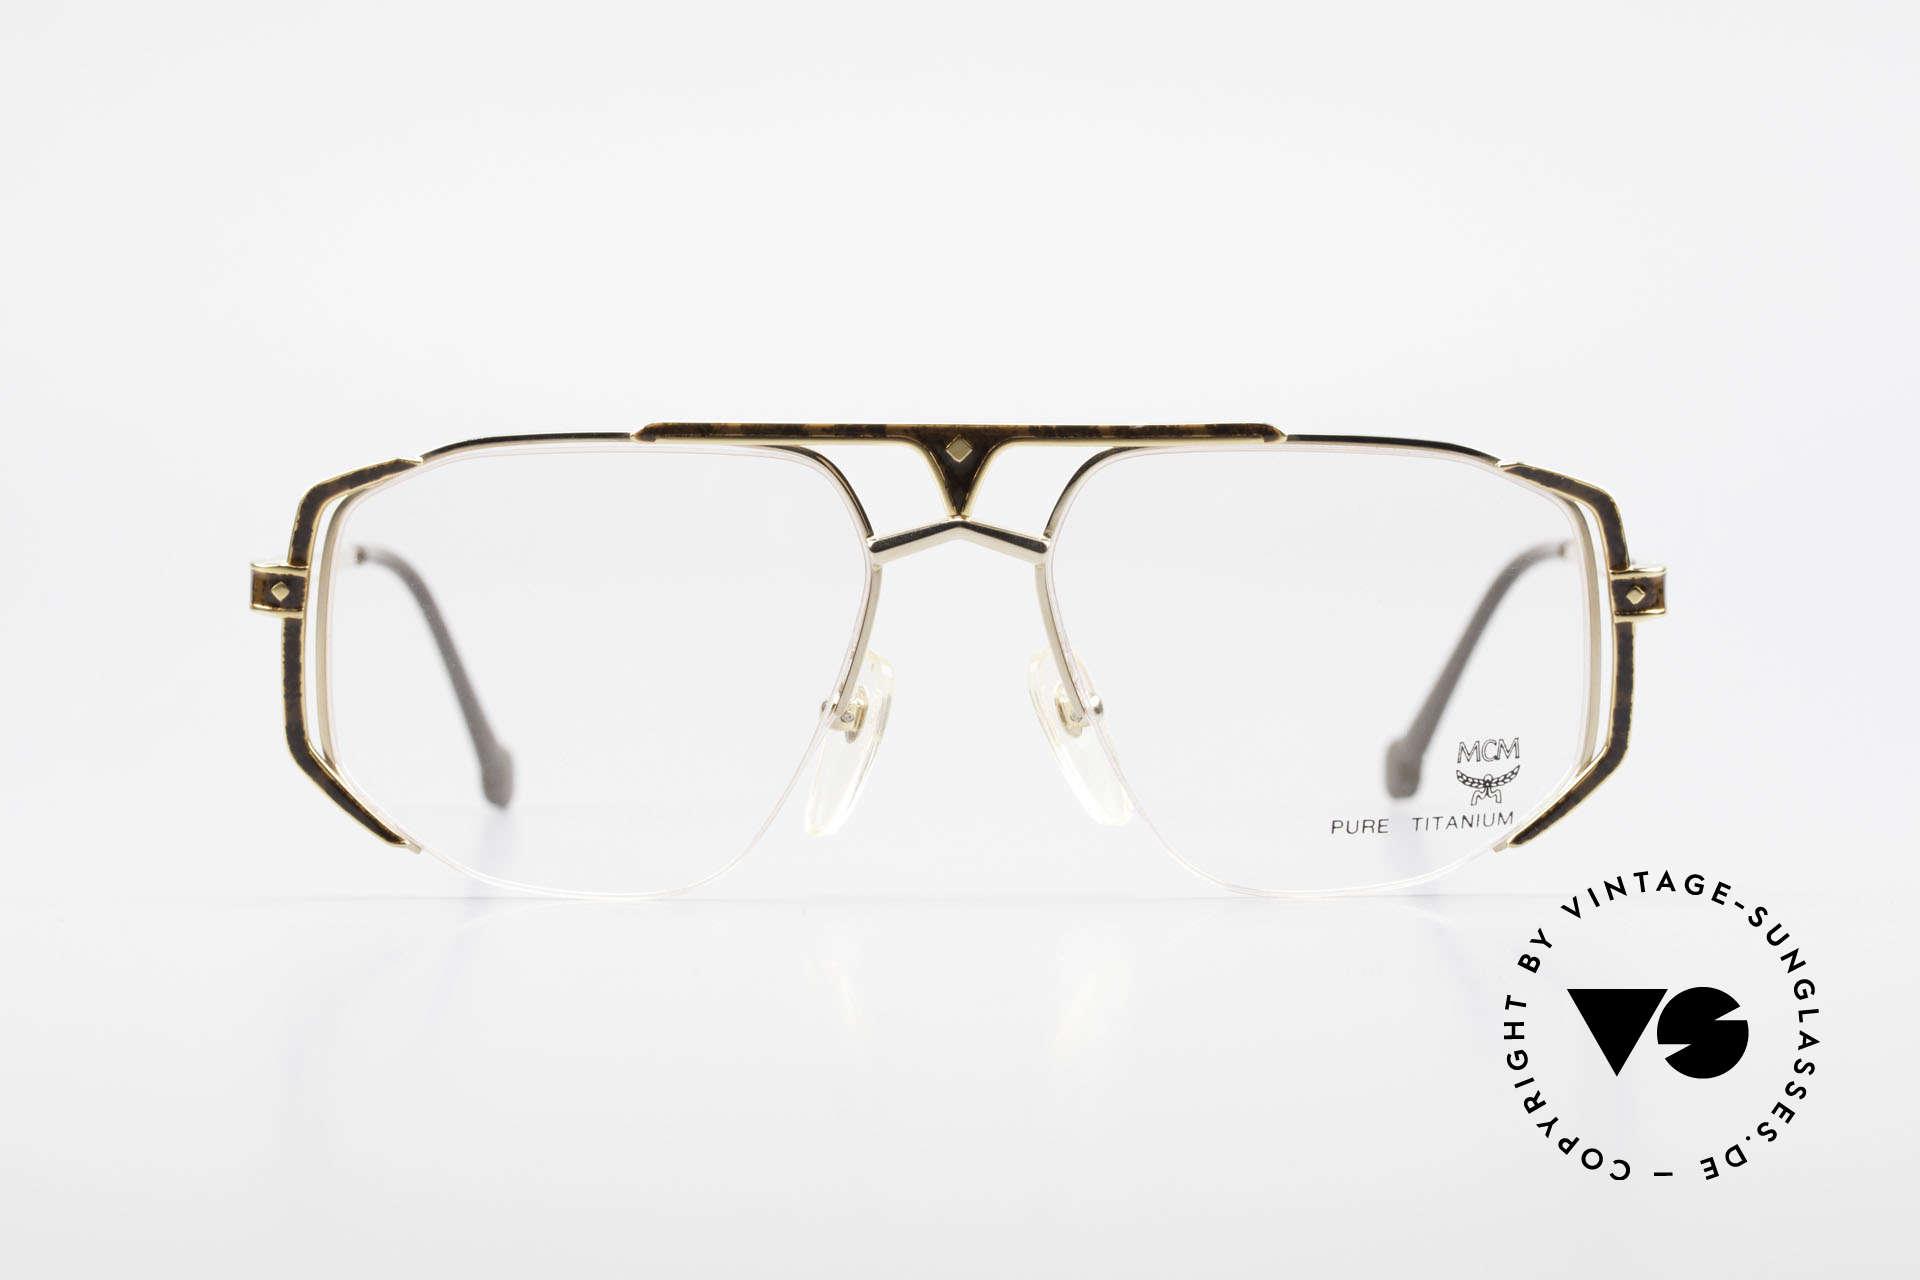 MCM München 5 Pure Titanium Brille Vergoldet, pure Titanium, vergoldet und Wurzelholz-Dekor, Passend für Herren